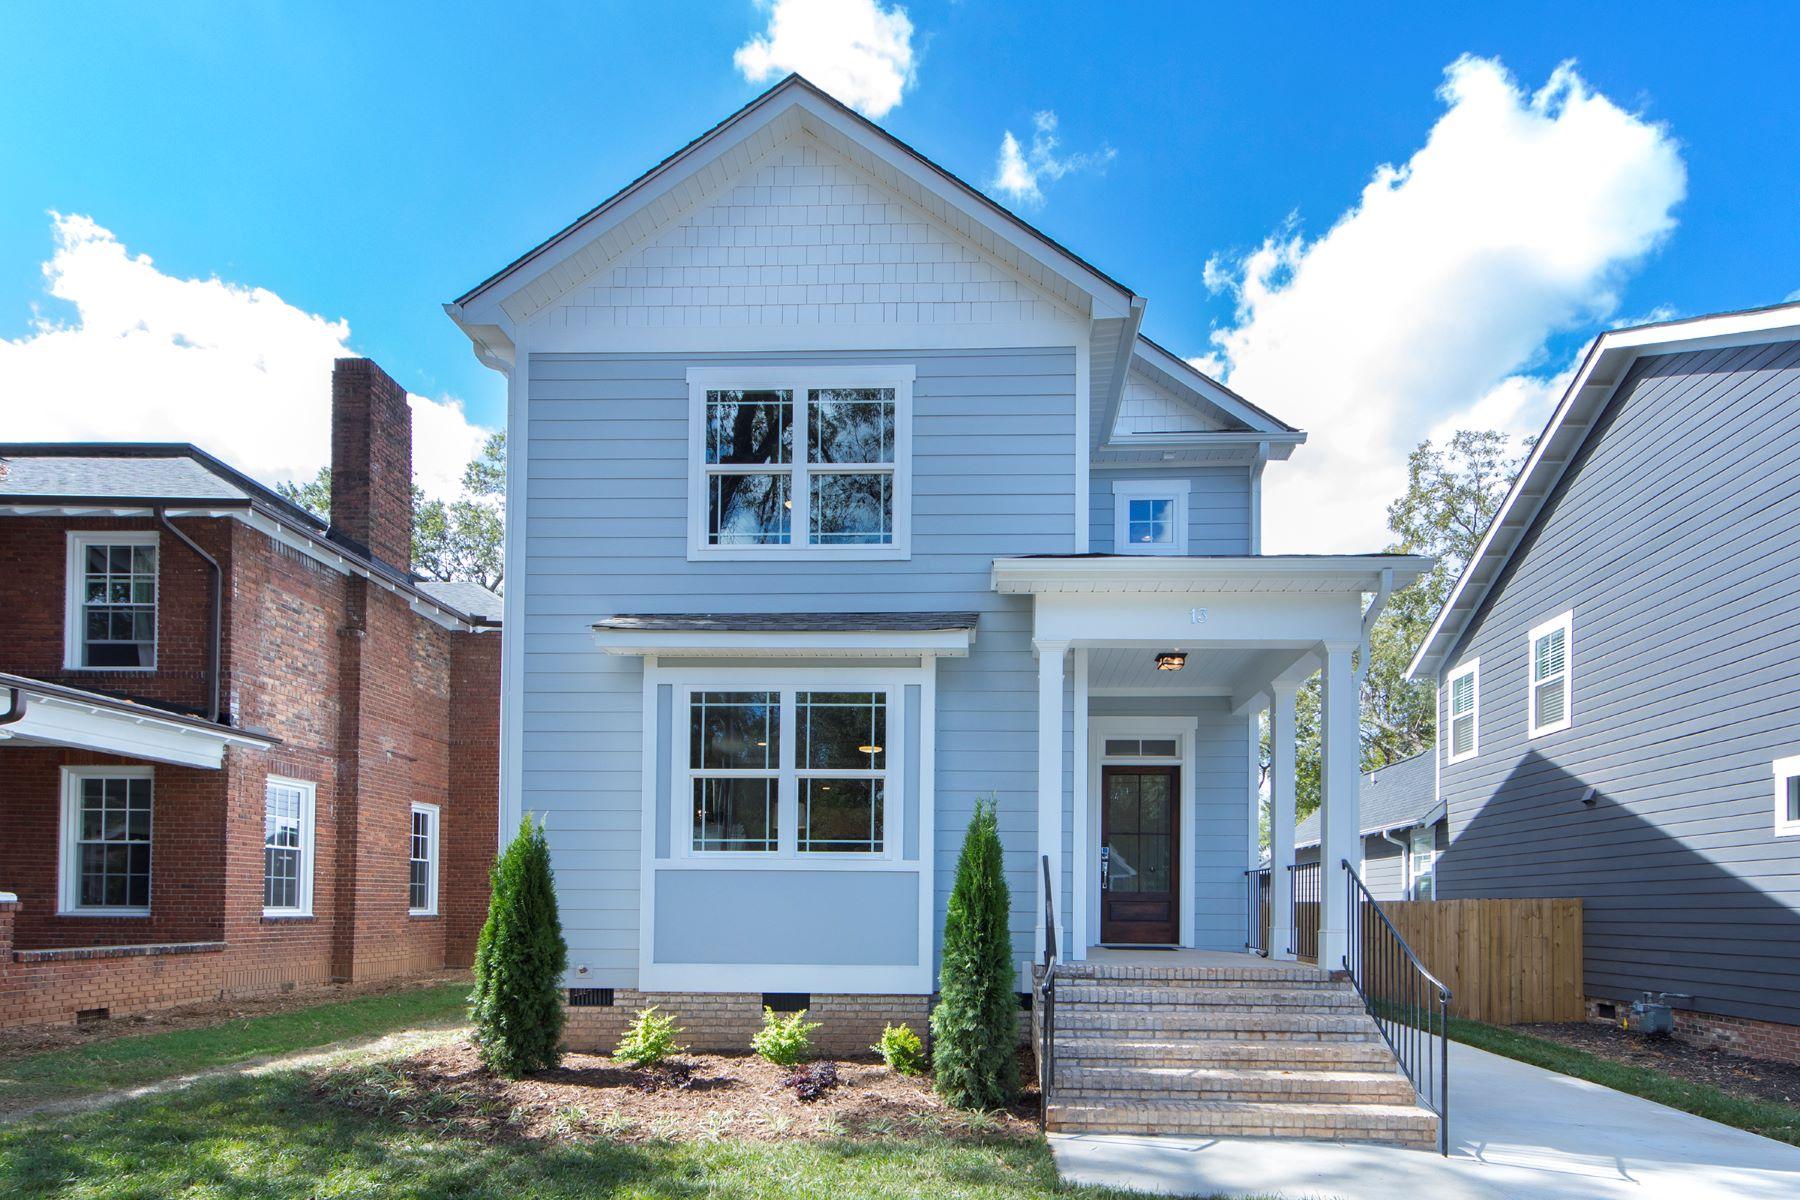 獨棟家庭住宅 為 出售 在 13 David Street Greenville, 南卡羅來納州, 29609 美國